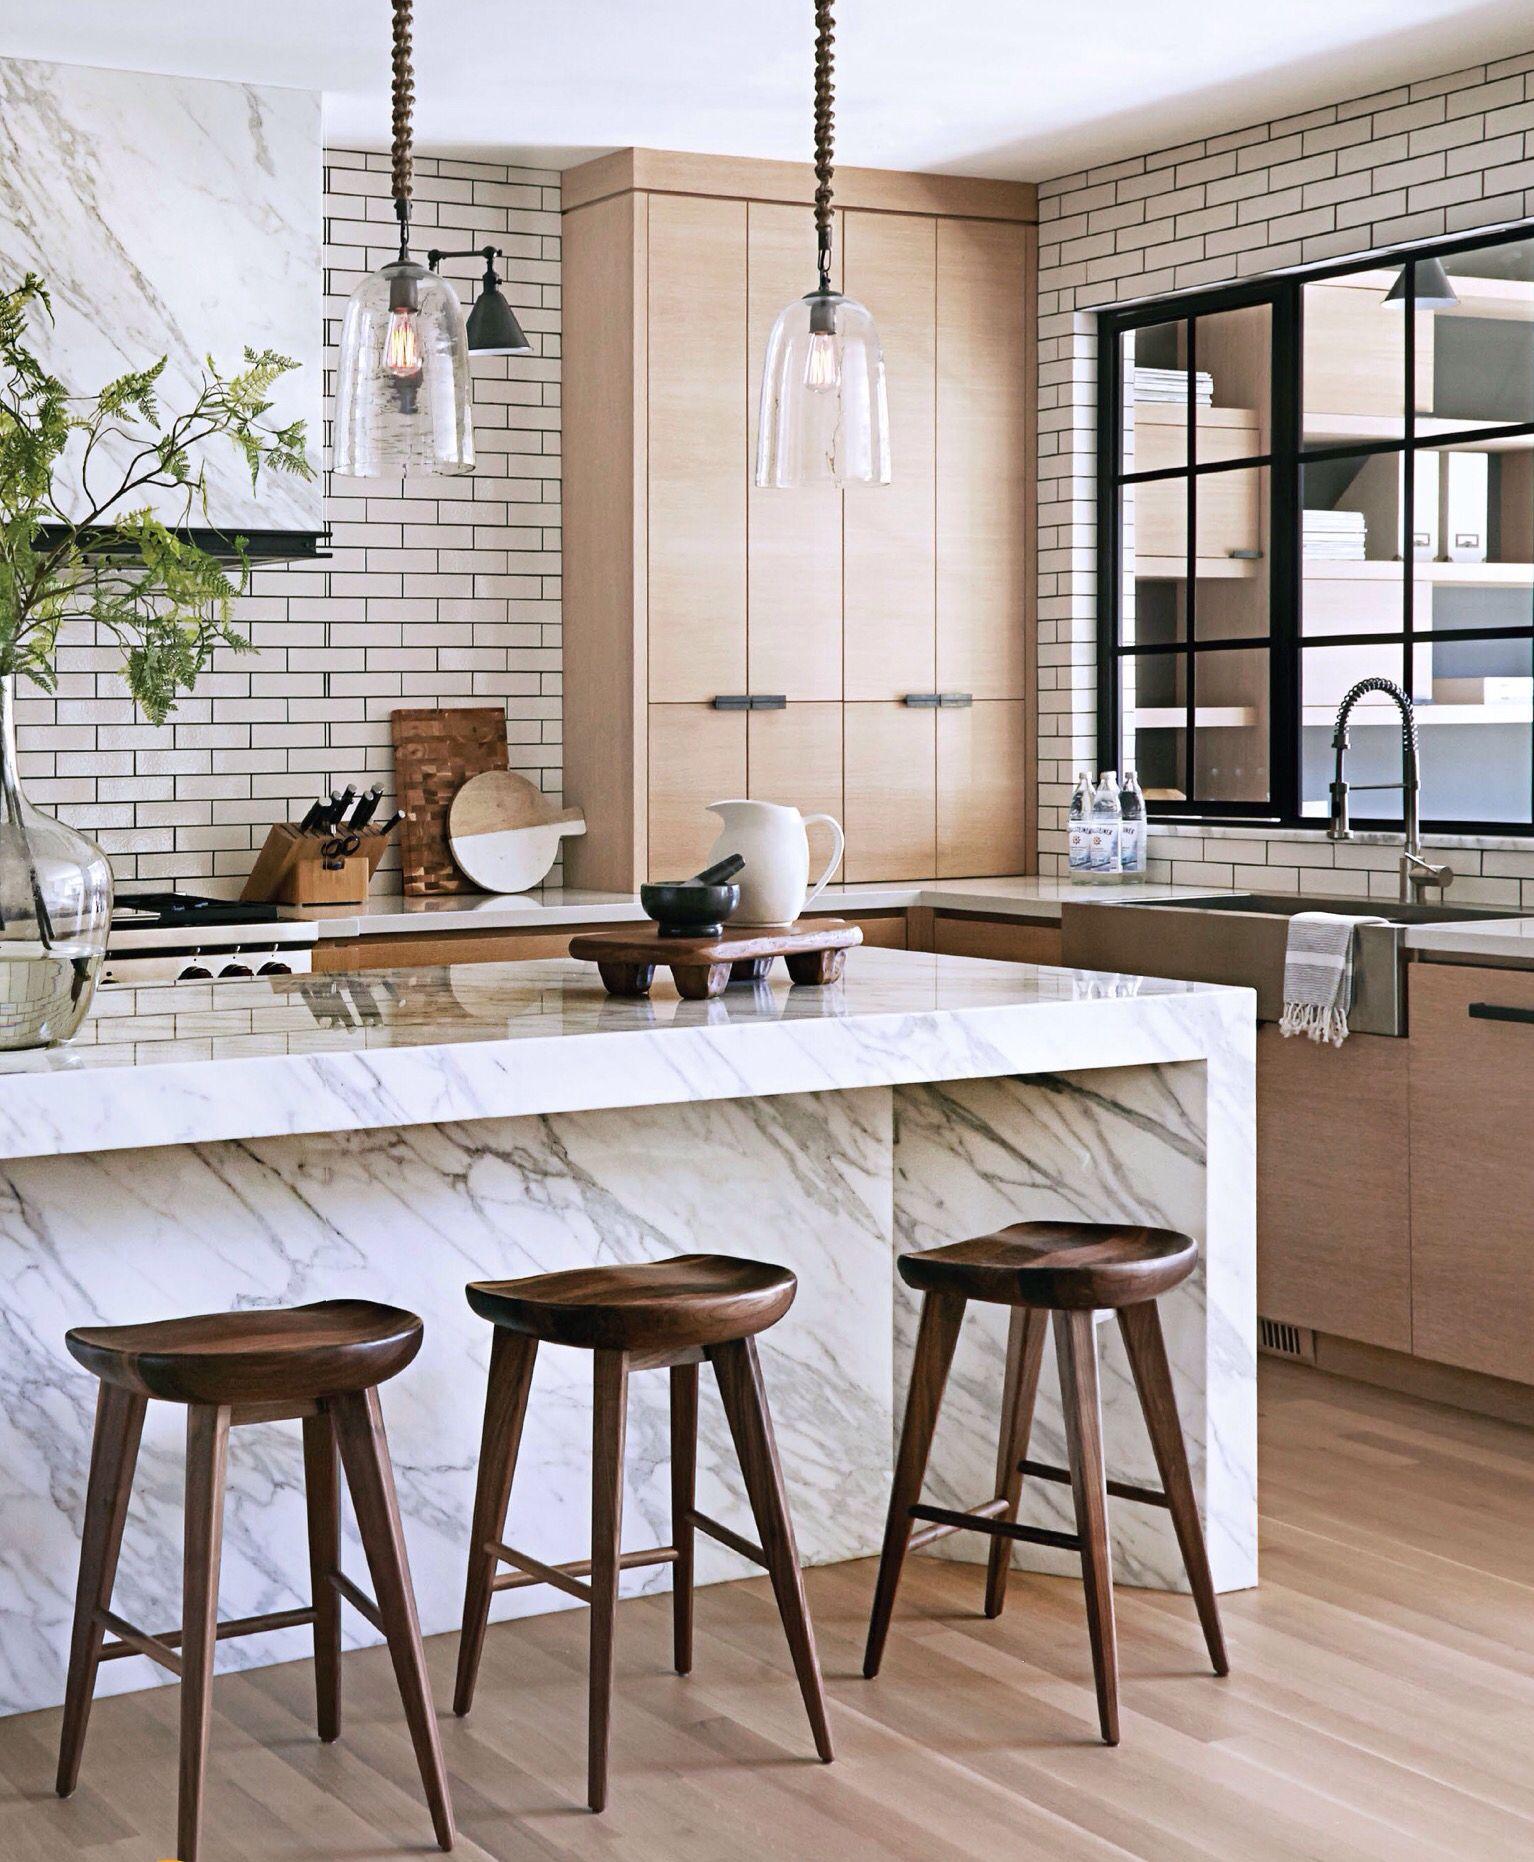 pinterest andie modern kitchen design kitchen interior kitchen design on interior design kitchen small modern id=92867